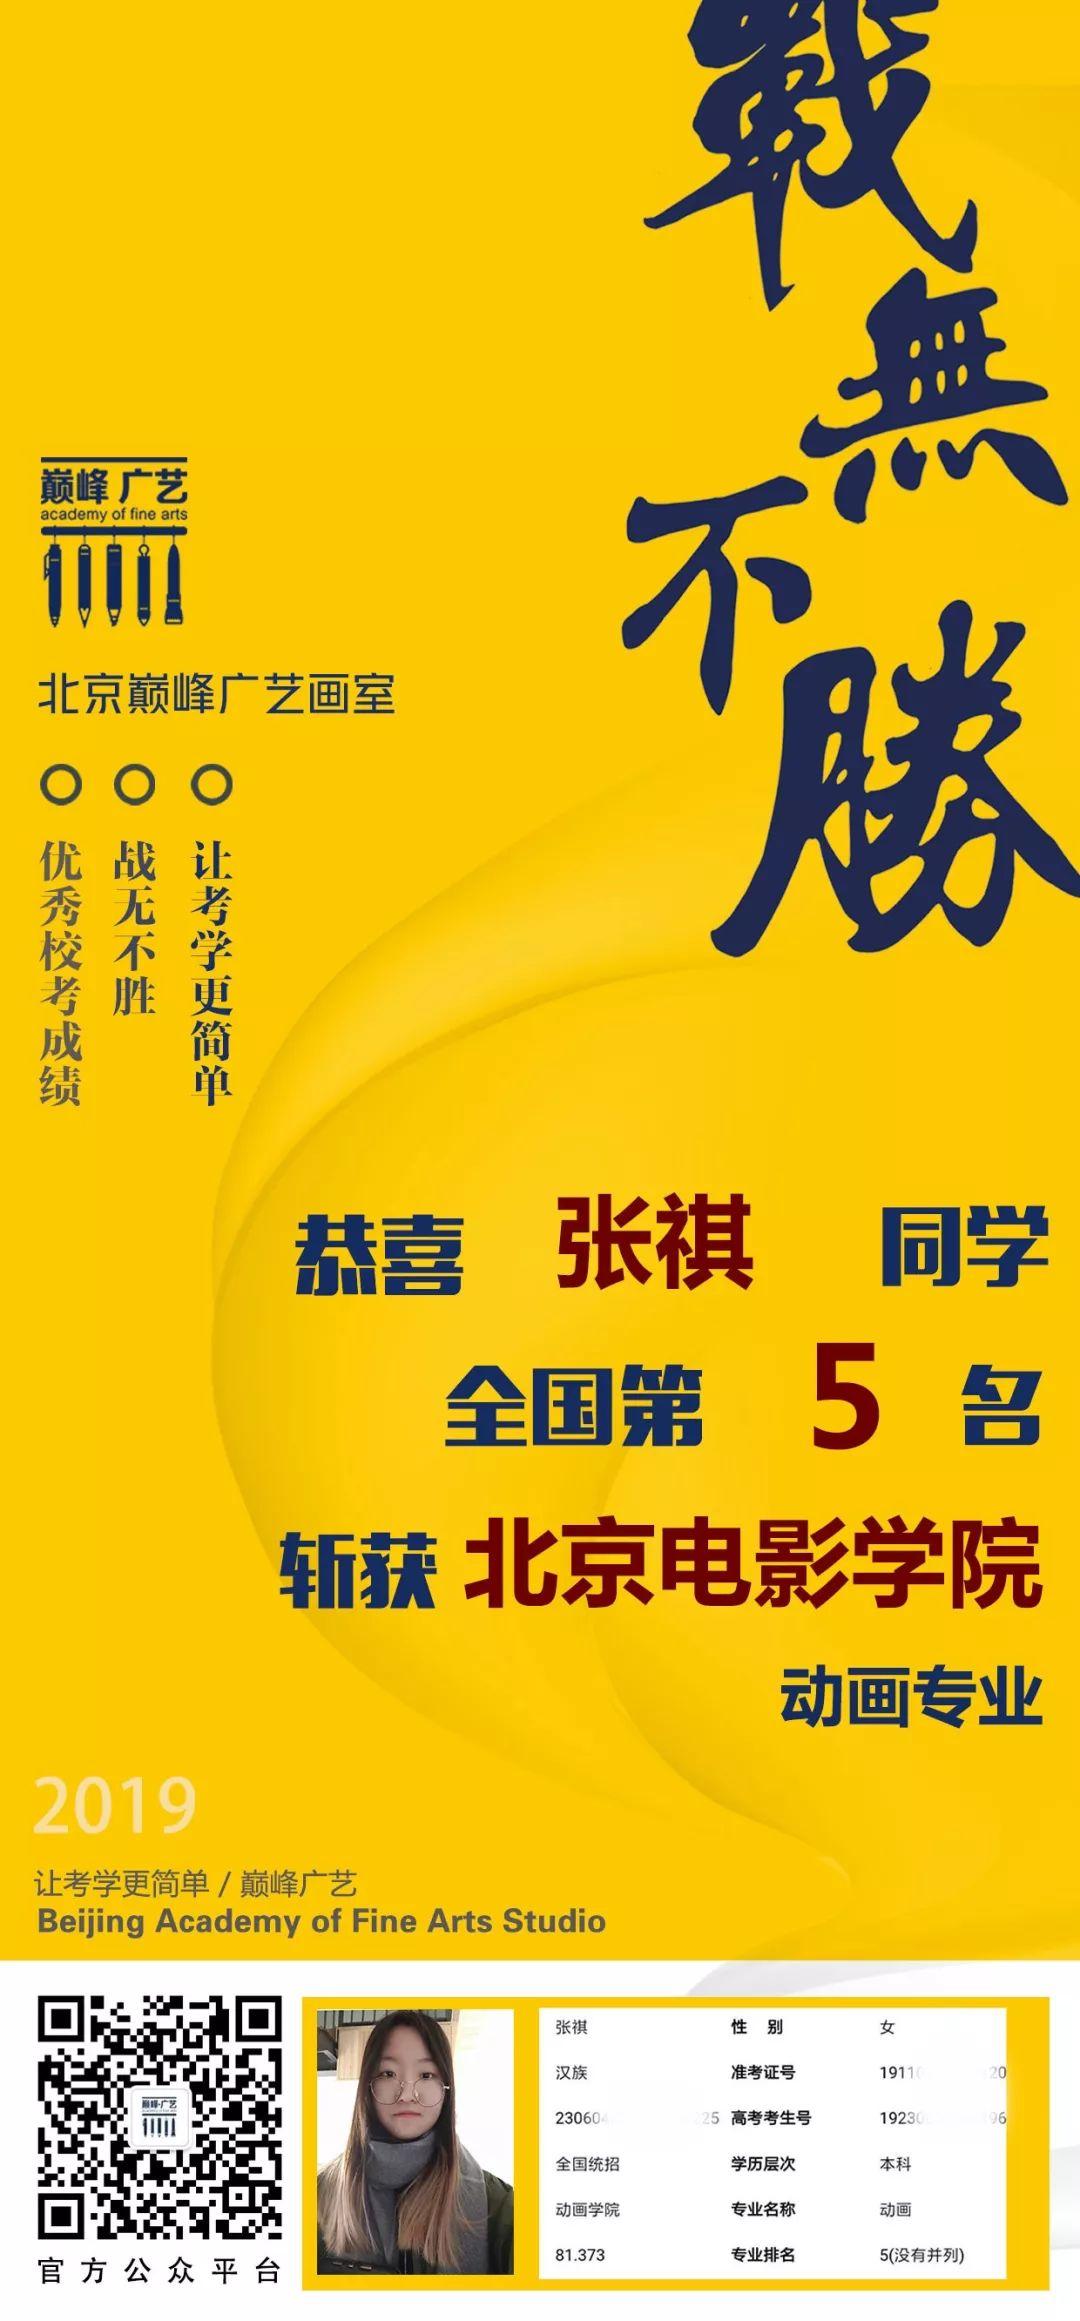 中国传媒大学,北京电影学院,中央戏剧学院,北京巅峰广艺画室       34